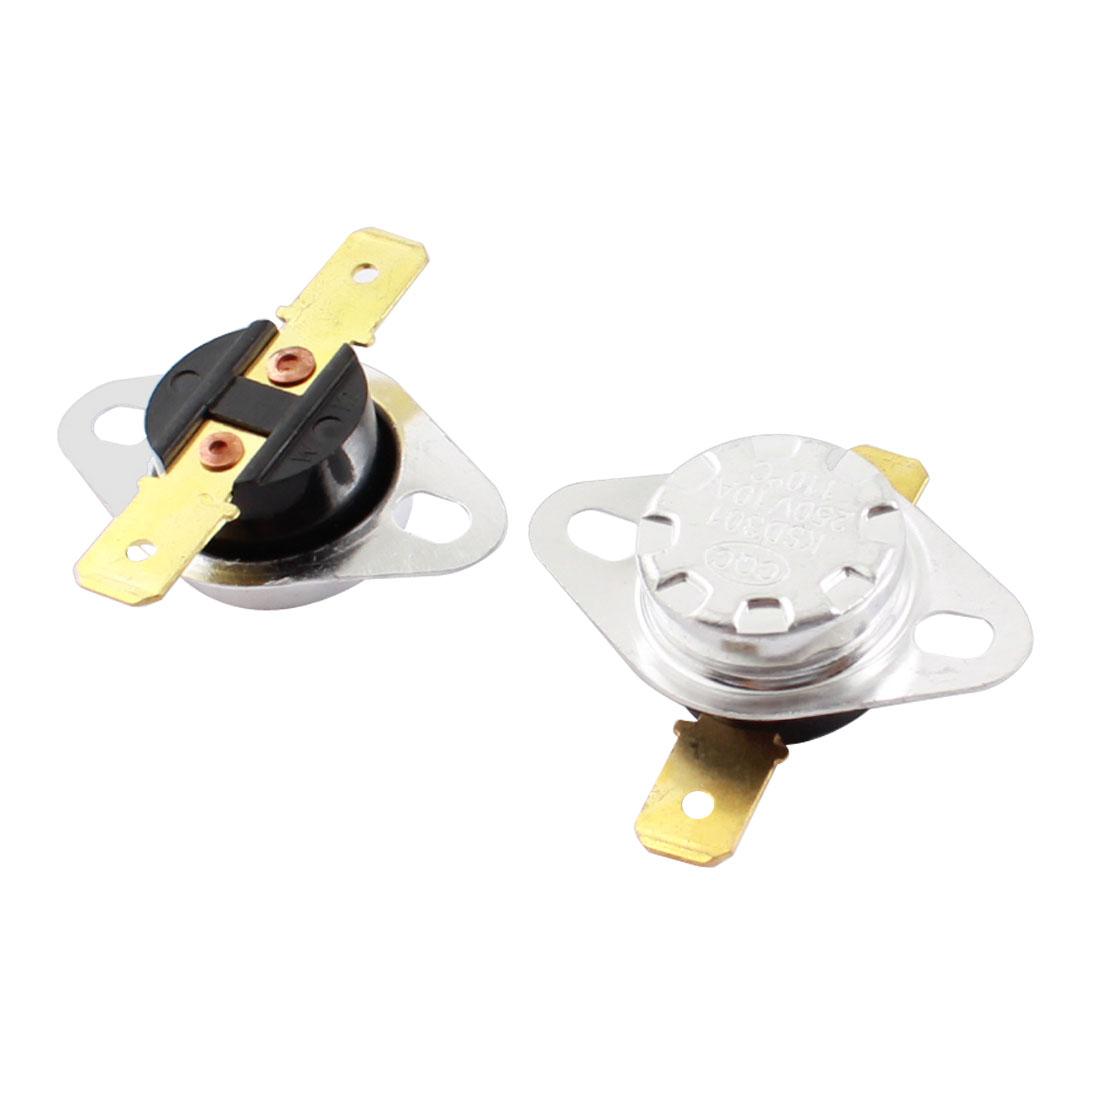 2Pcs KSD301 AC 250V 10A 110C Temperature Control Switch Thermostat Sensor Protector